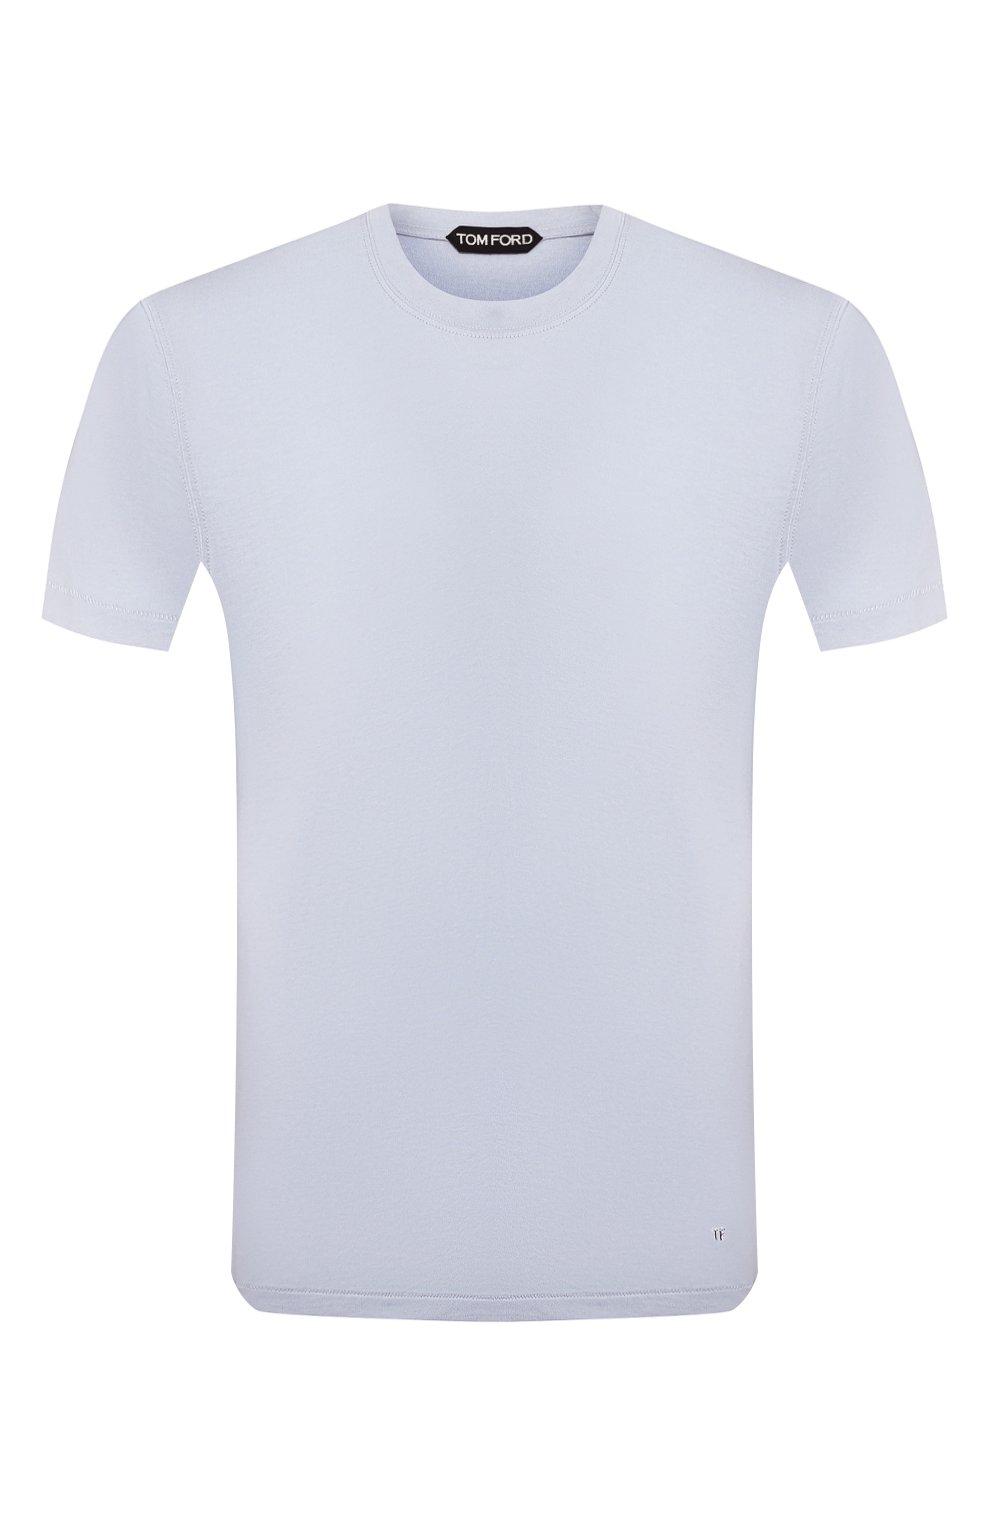 Мужская футболка TOM FORD голубого цвета, арт. BU229/TFJ950 | Фото 1 (Принт: Без принта; Рукава: Короткие; Длина (для топов): Стандартные; Мужское Кросс-КТ: Футболка-одежда; Материал внешний: Хлопок, Лиоцелл; Стили: Кэжуэл)